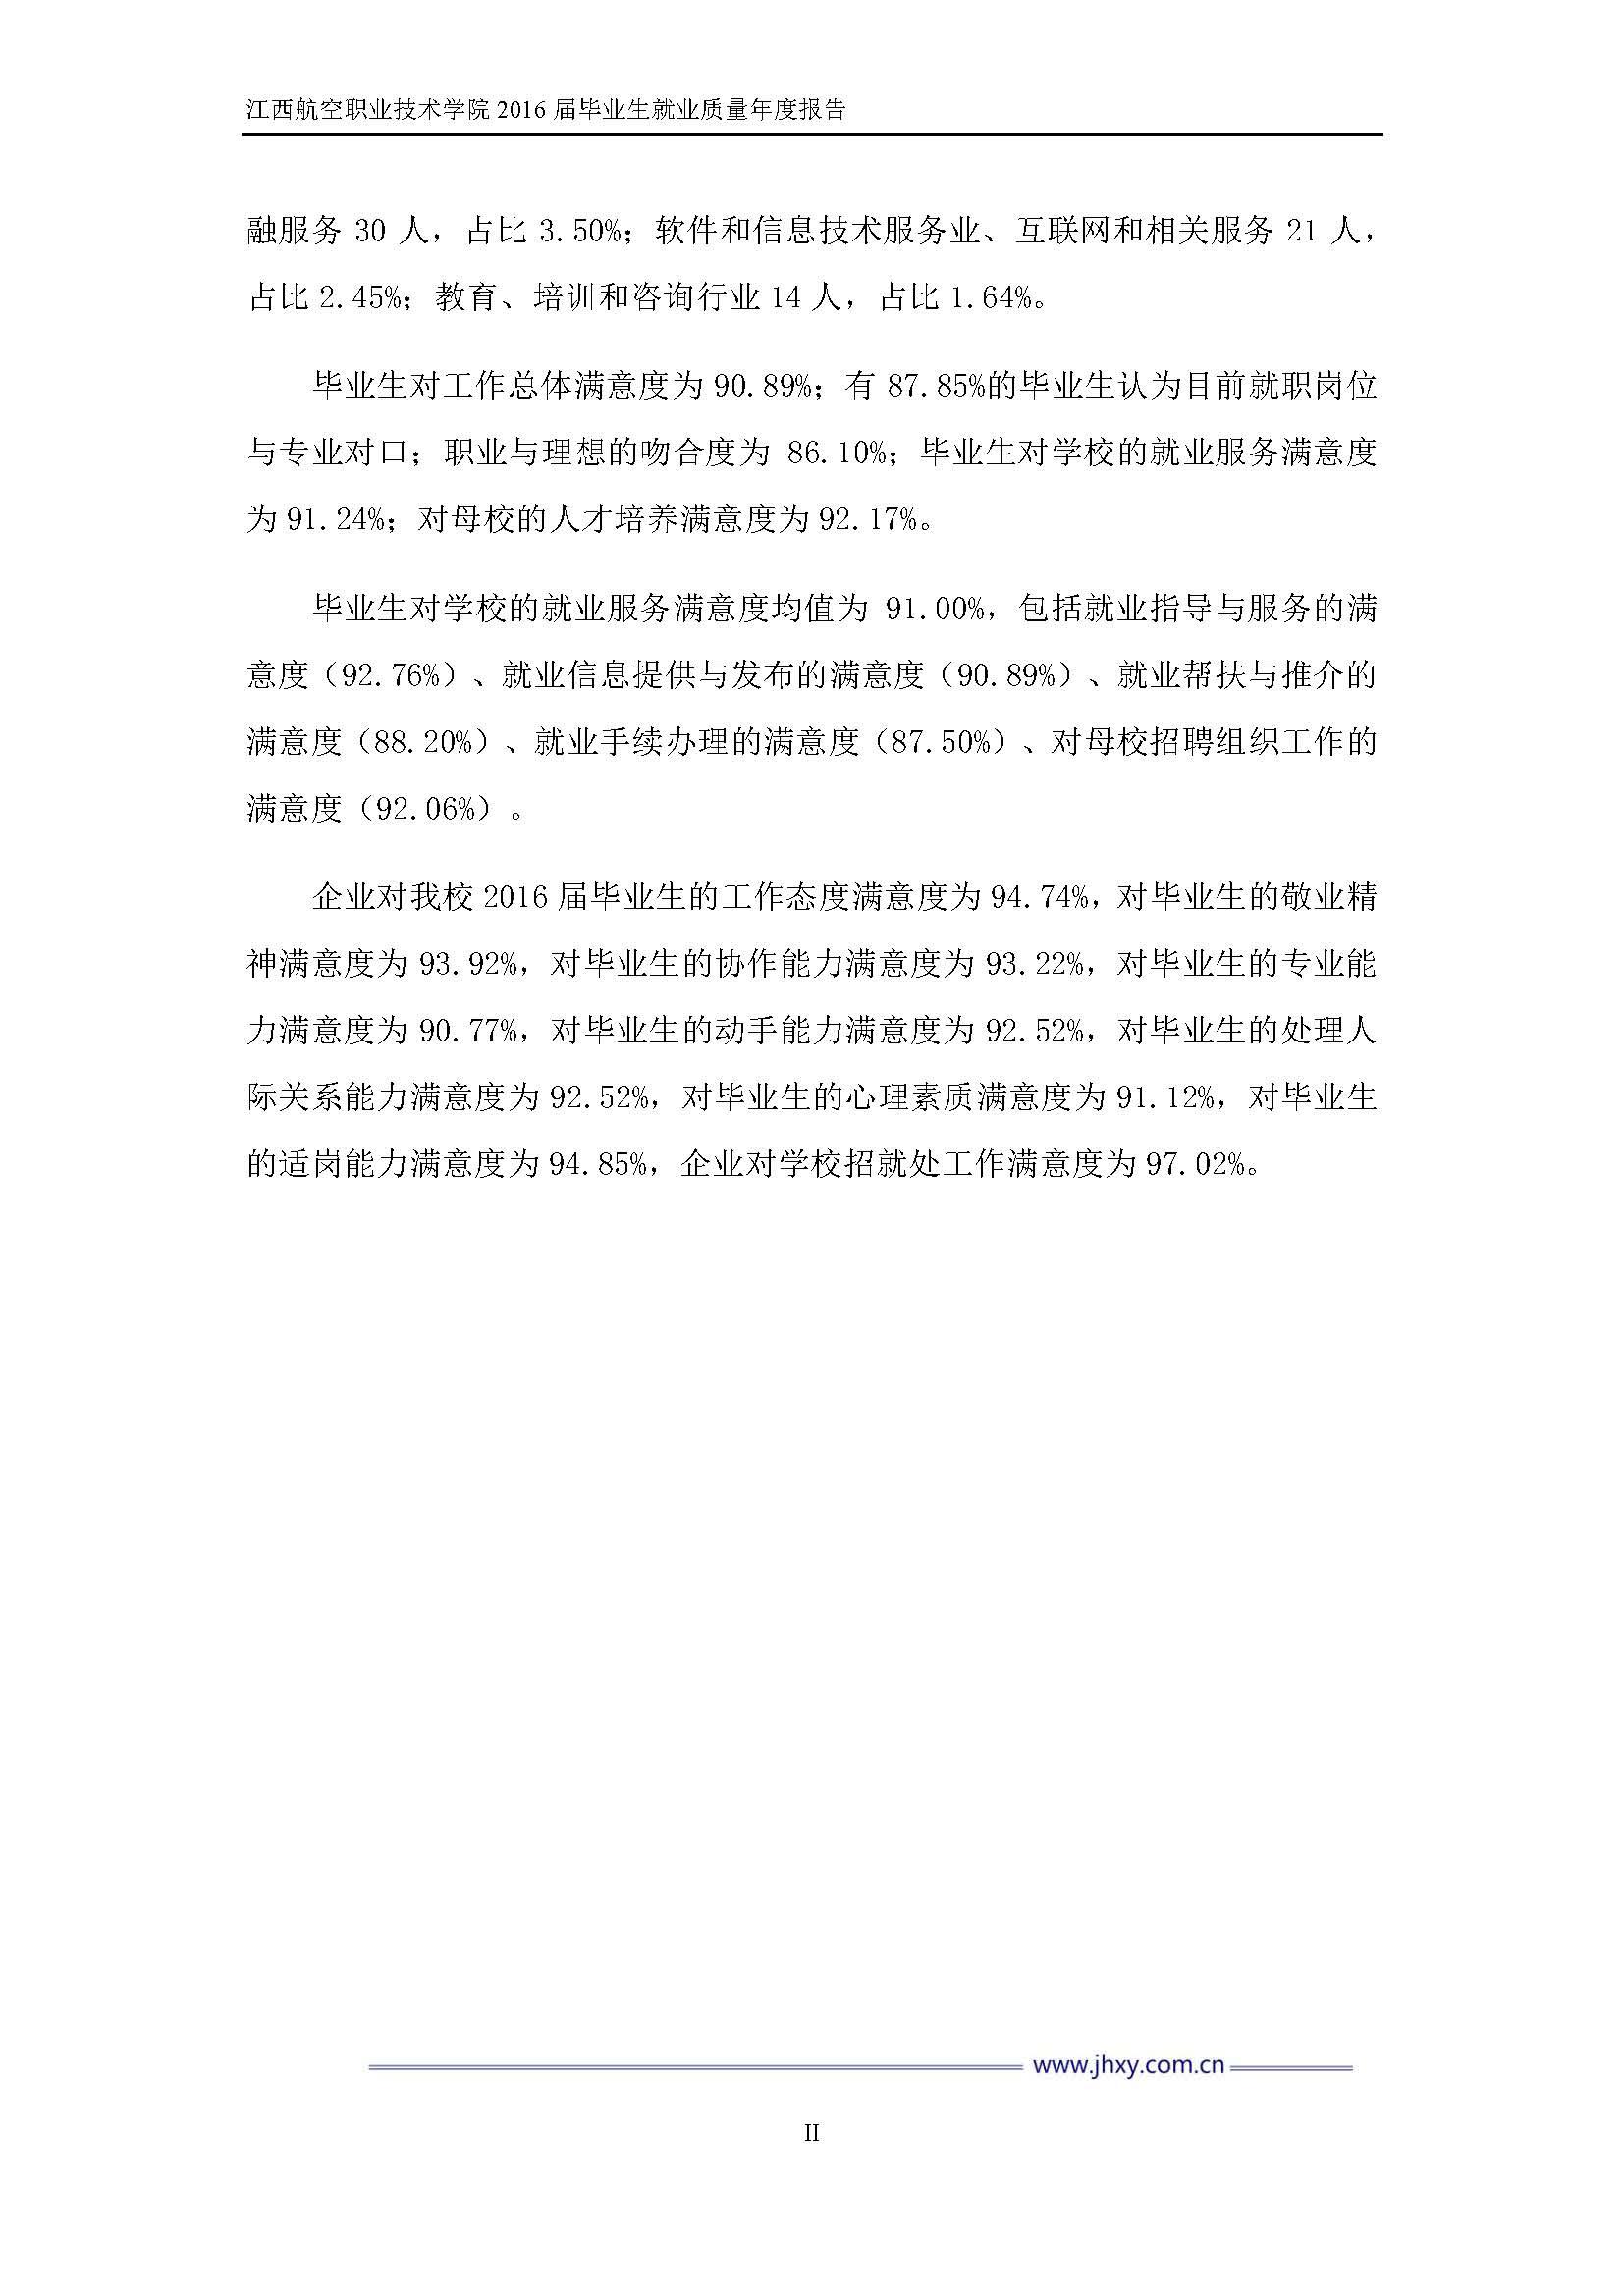 江西航空职业技术学院2016届毕业生就业质量年度报告_Page_03.jpg